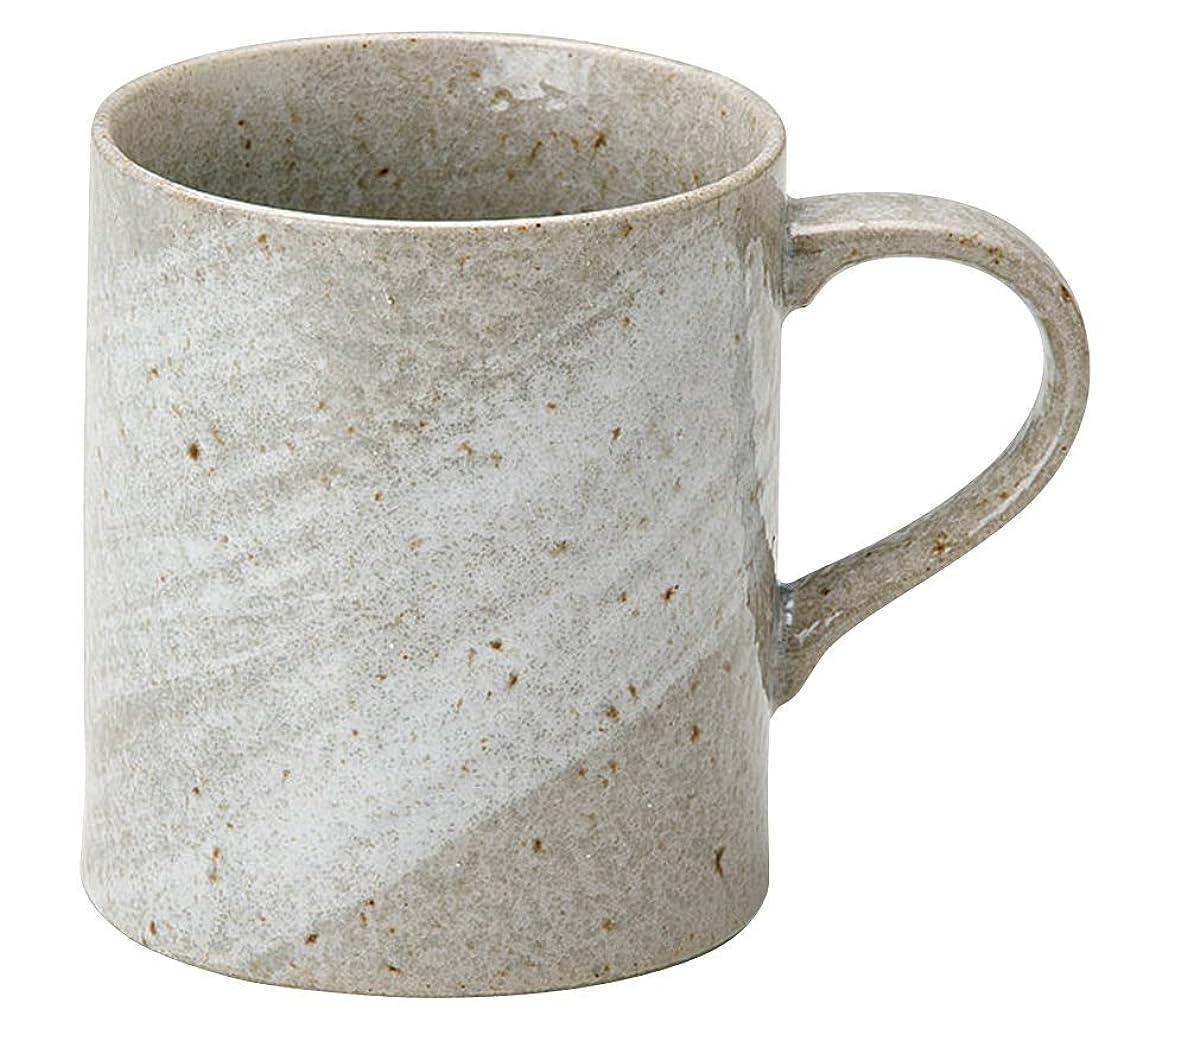 アジャクラック引き出し宗峰窯 マグカップ 青磁 土物 φ8×9.2cm(350cc) 758-17-433